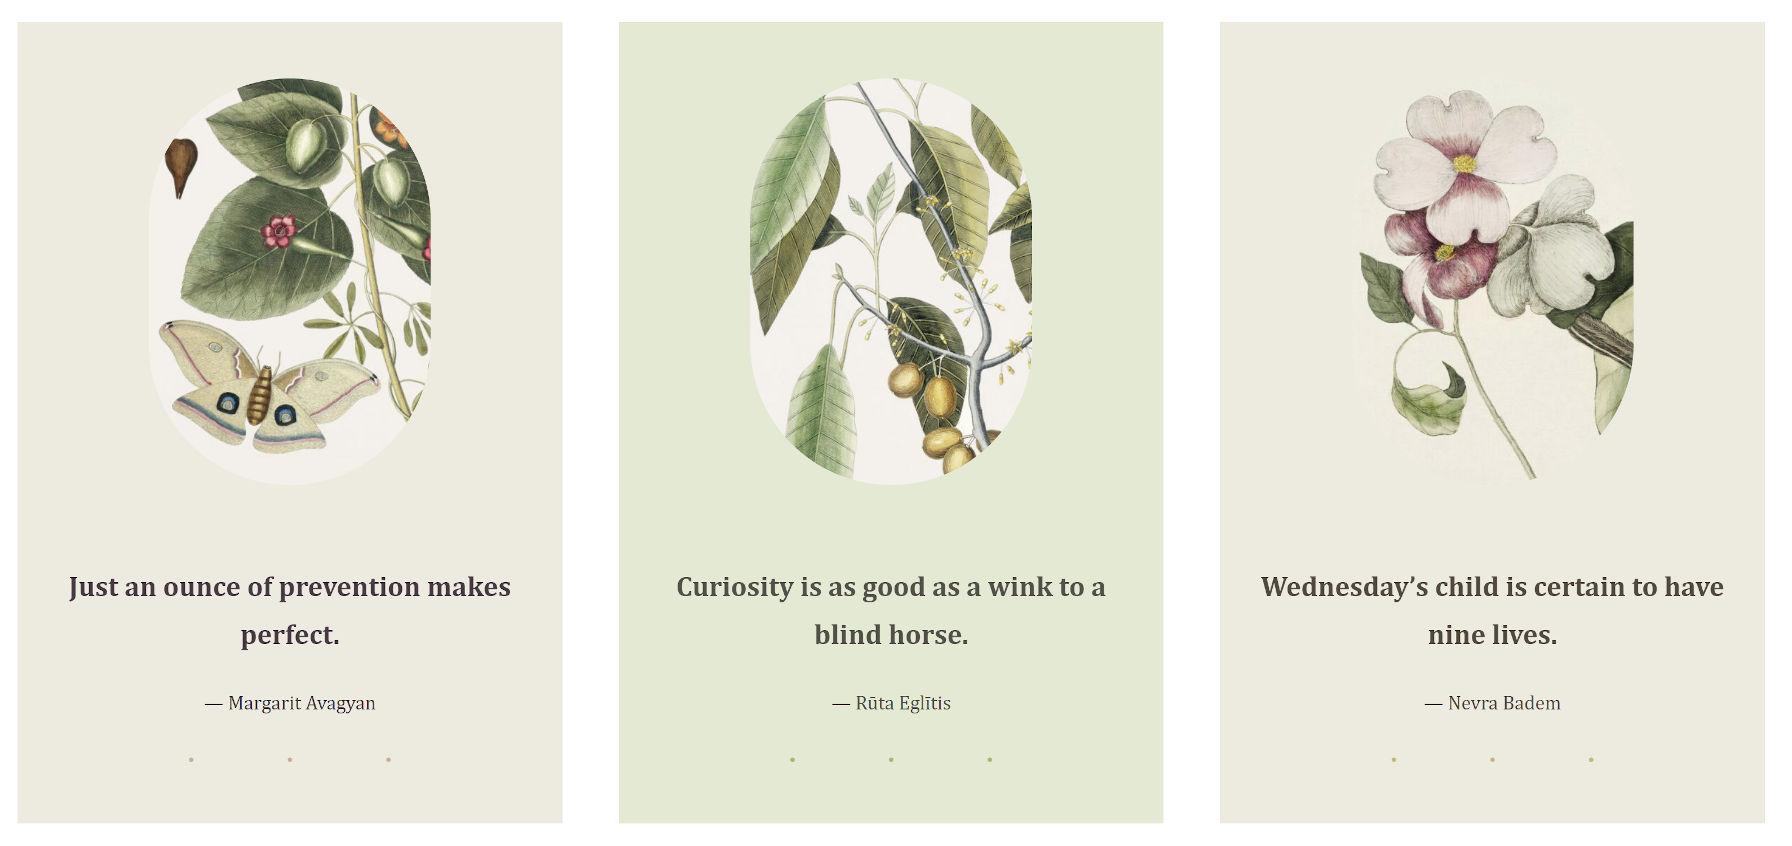 Trois colonnes d'images plus des citations, un modèle du thème WordPress Clove.